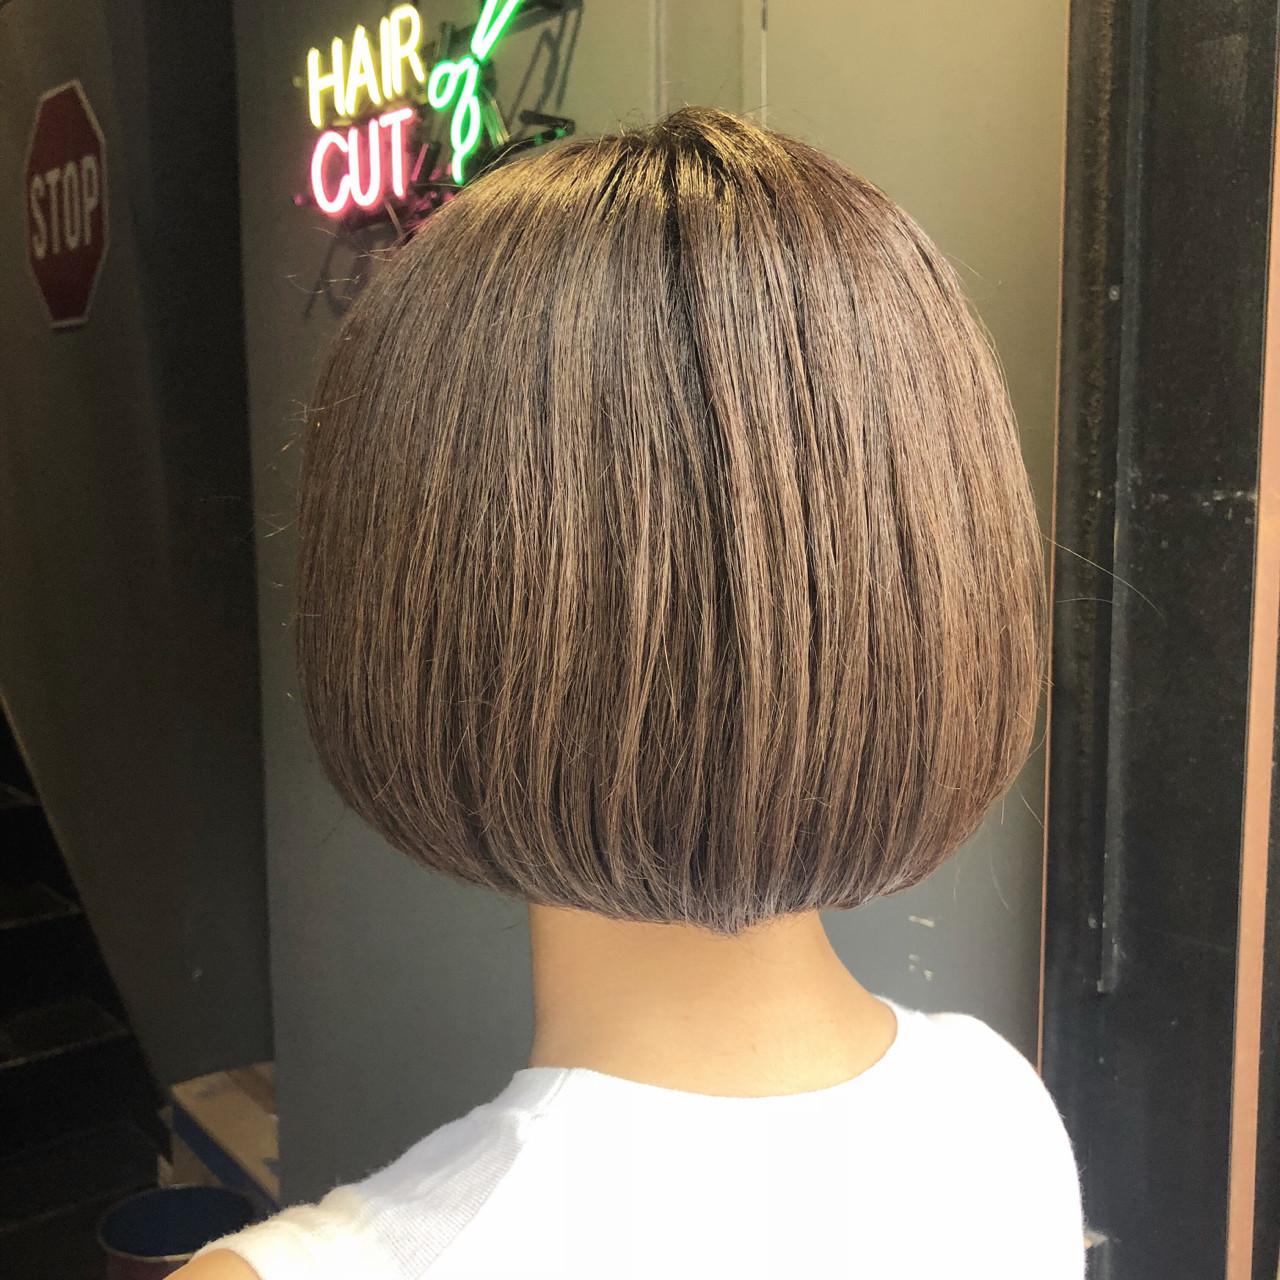 グレージュ シルバーグレー アッシュグレージュ ボブ ヘアスタイルや髪型の写真・画像